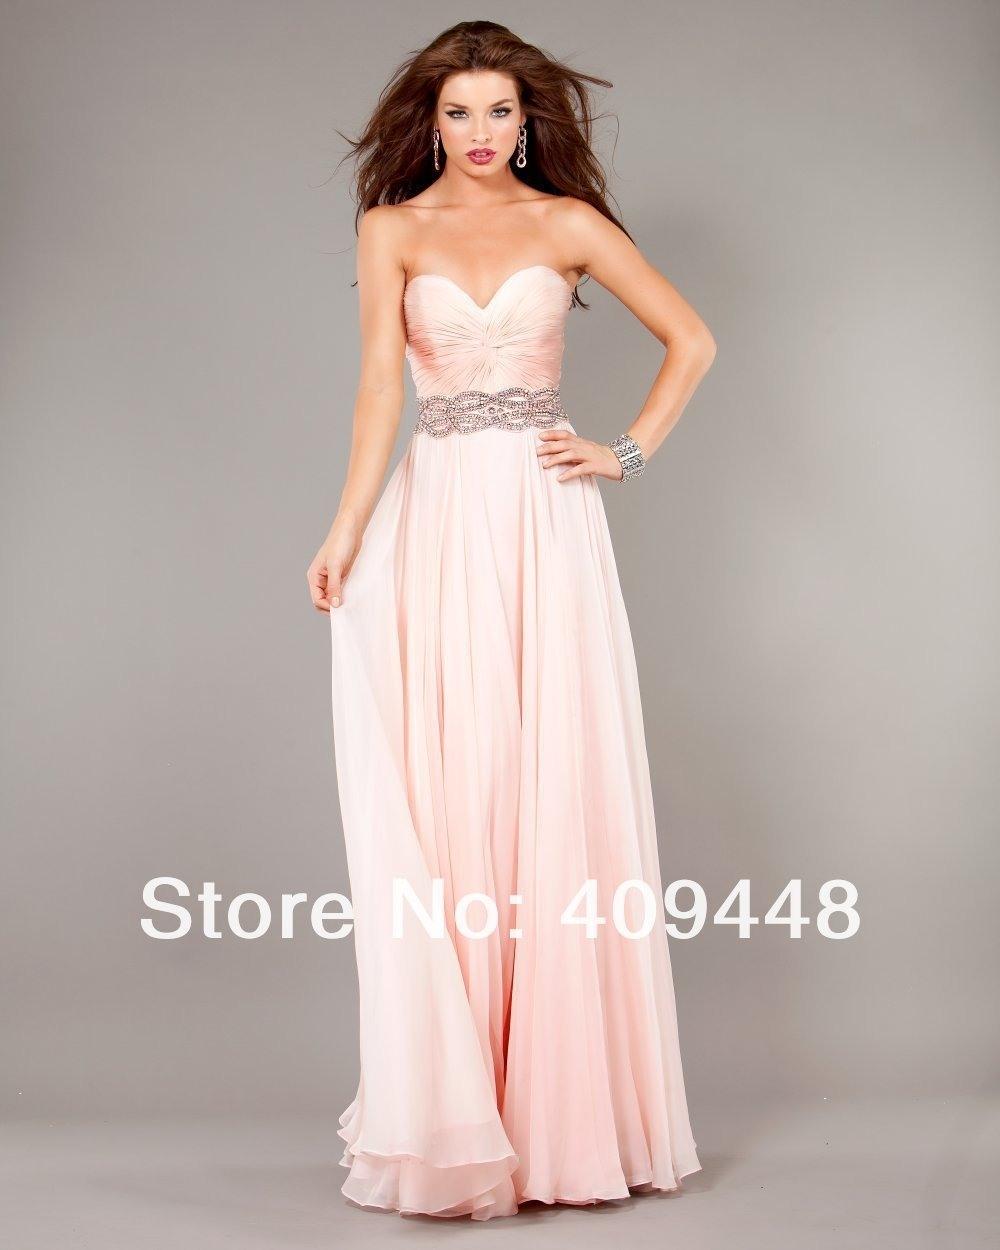 Luxurius Kleid Rose Lang Design10 Fantastisch Kleid Rose Lang Boutique